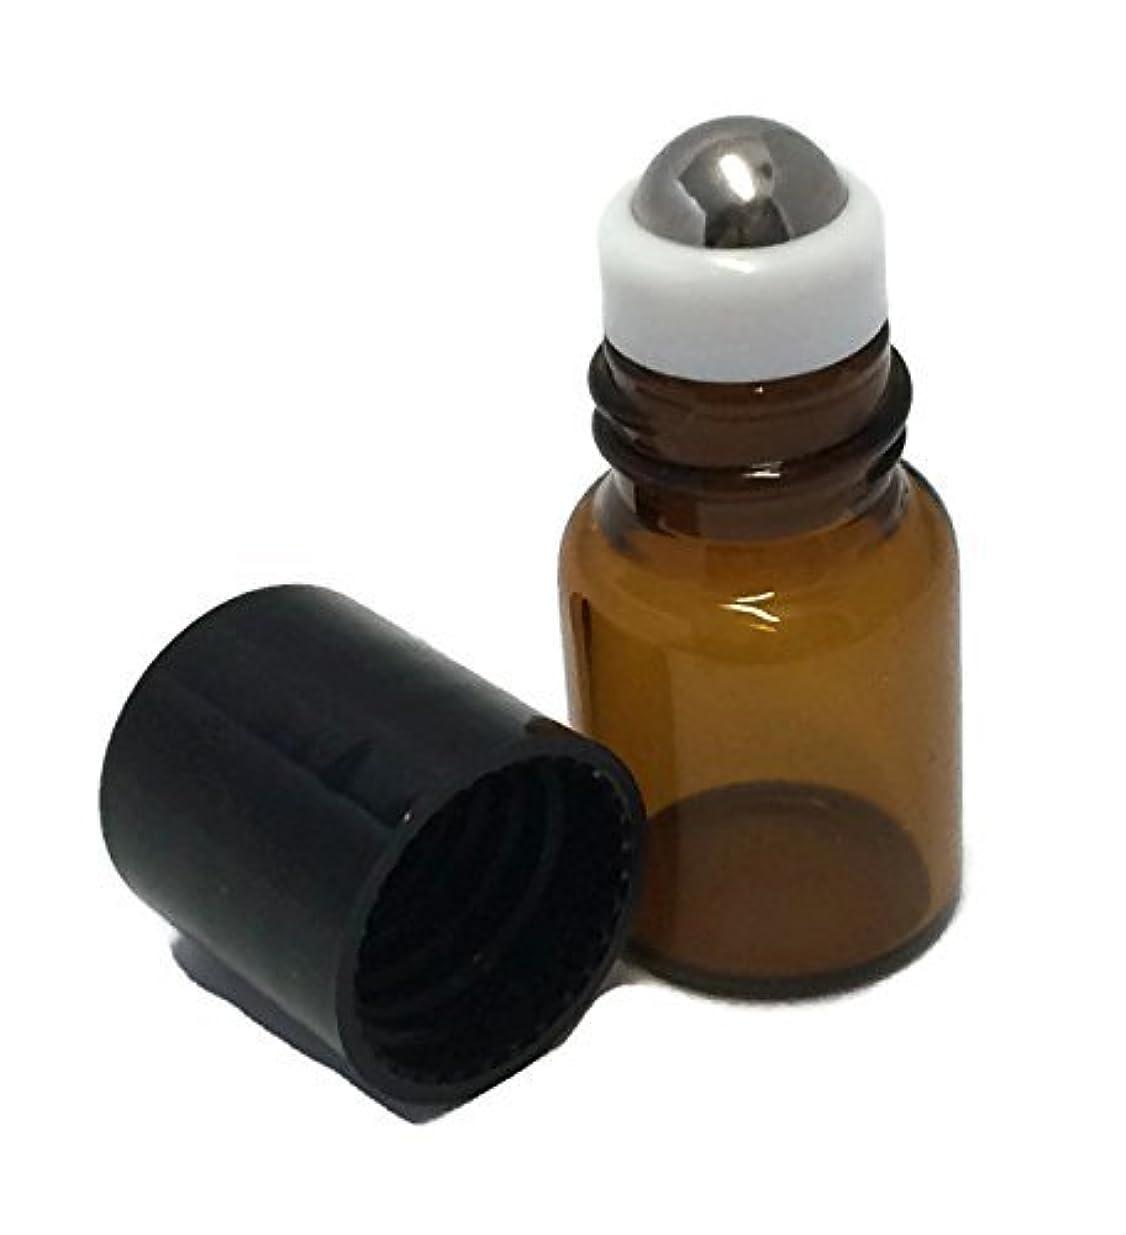 状態オーストラリア制限されたUSA 144 Amber Glass 2 ml, 5/8 Dram Mini Roll-On Glass Bottles with Stainless Steel Roller Balls - Refillable Aromatherapy Essential Oil Roll On (144) [並行輸入品]